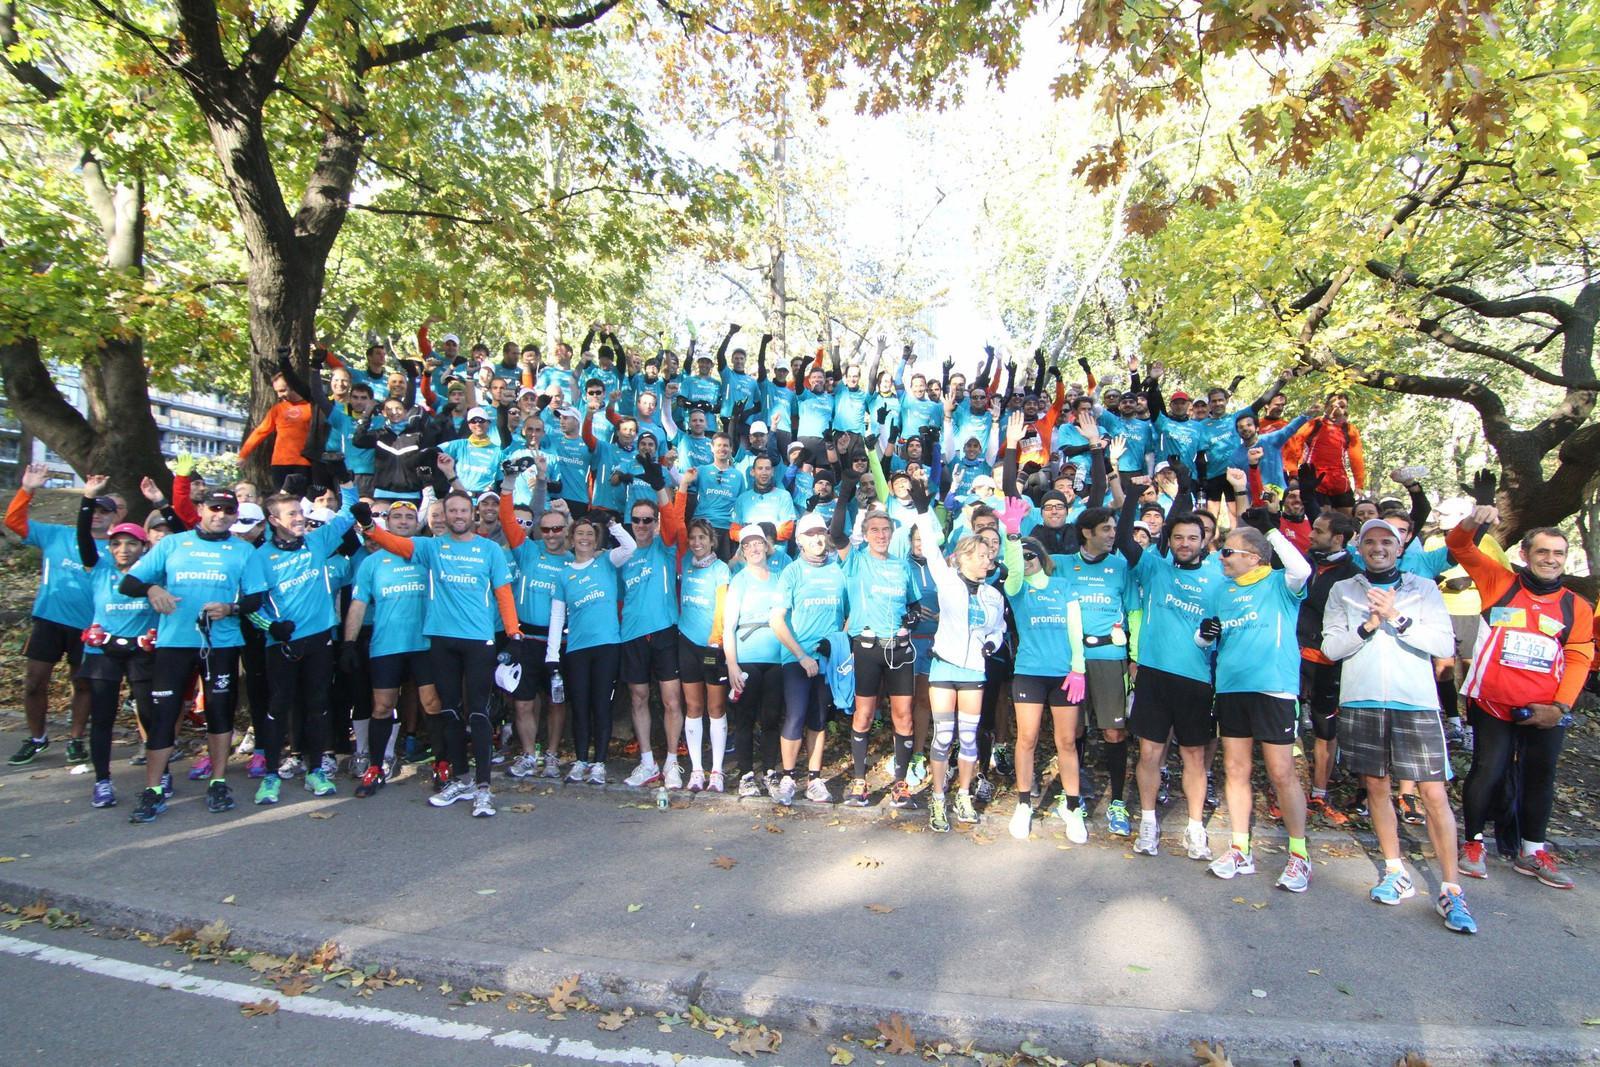 El domingo, día previsto para el maratón, se organizó una carrera de 2 vueltas (unos 20 kilómetros) por Central Park, con todos los integrantes del equipo Amigos de Proniño.